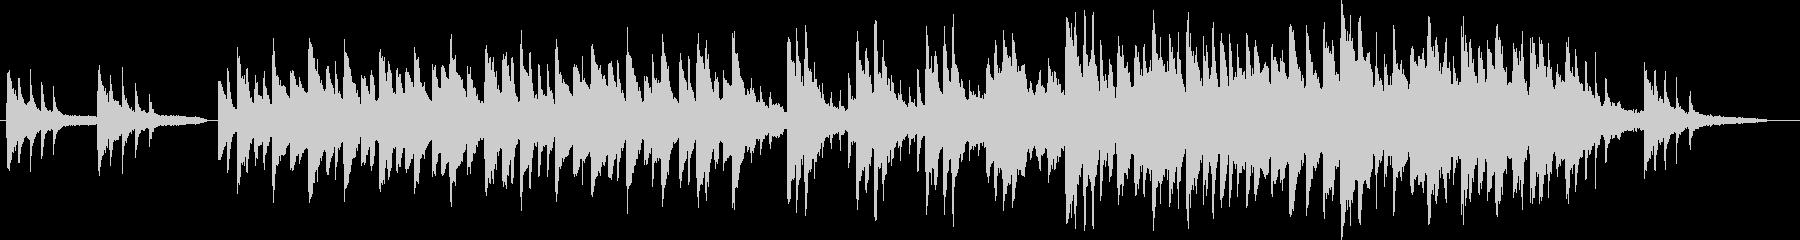 切ない旋律のピアノの未再生の波形